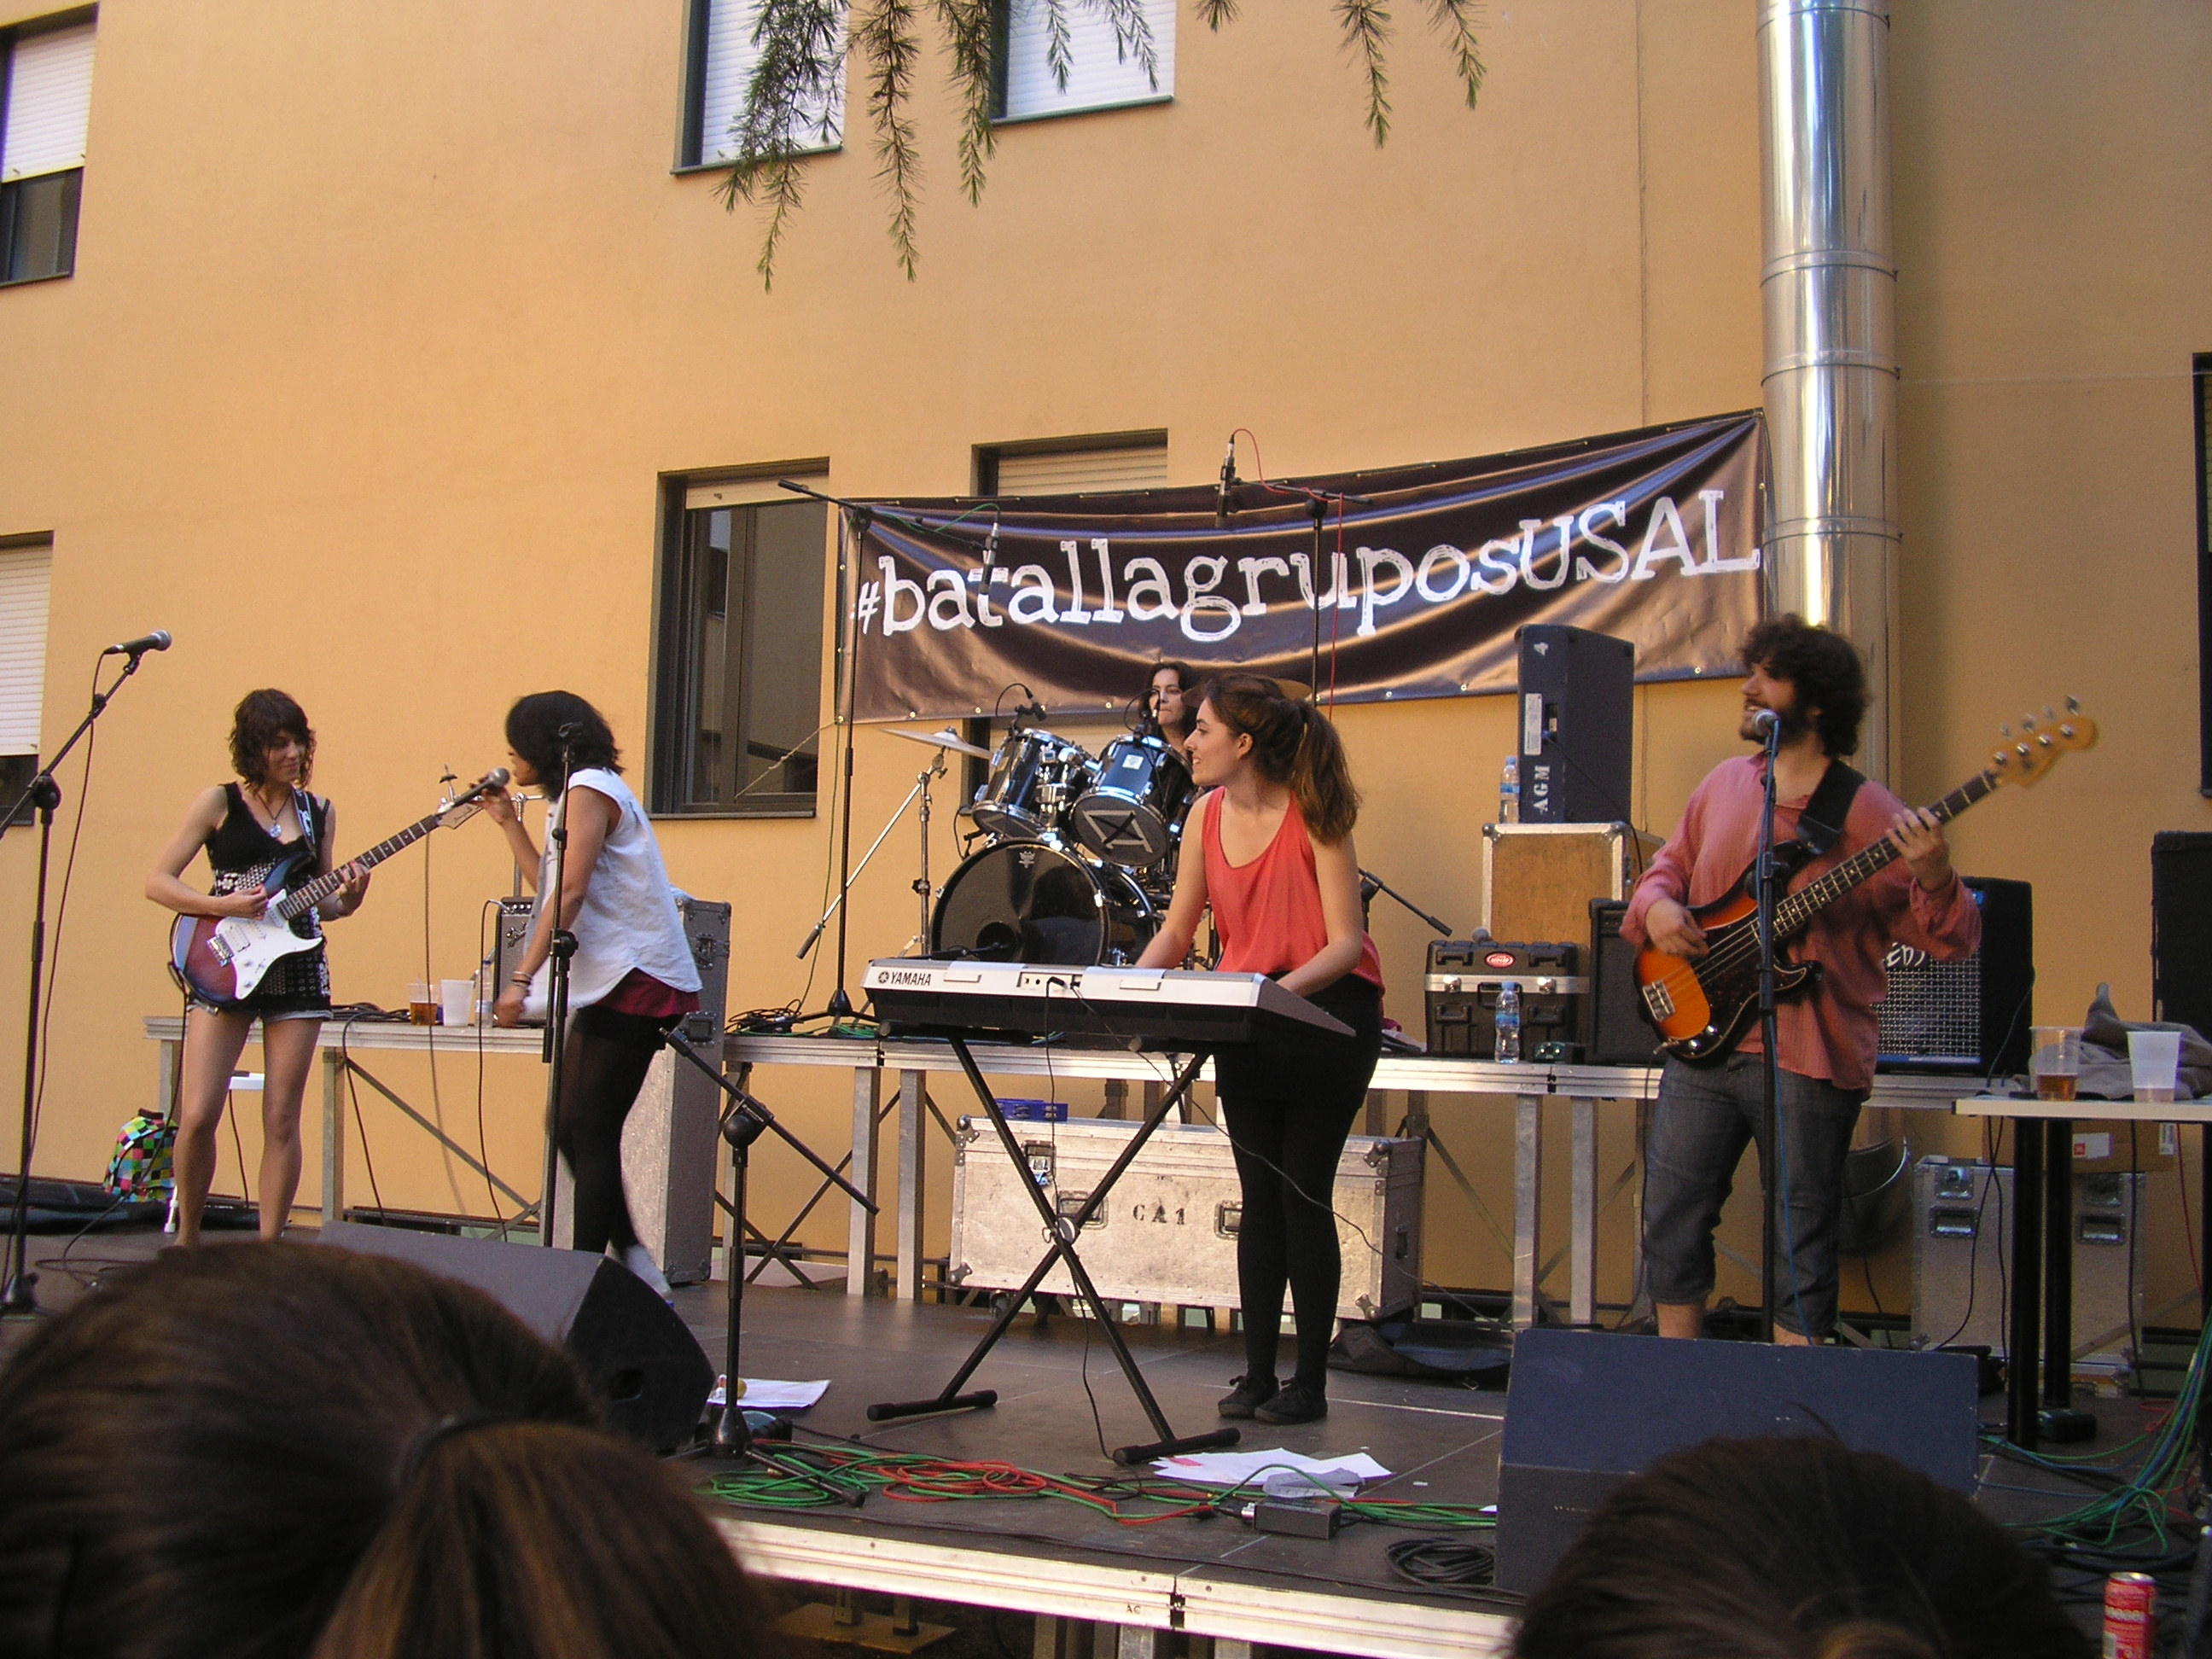 Los grupos Los Hombres de Carlos y The Coy Kois, ganadores de la Batalla de grupos musicales de la Universidad de Salamanca